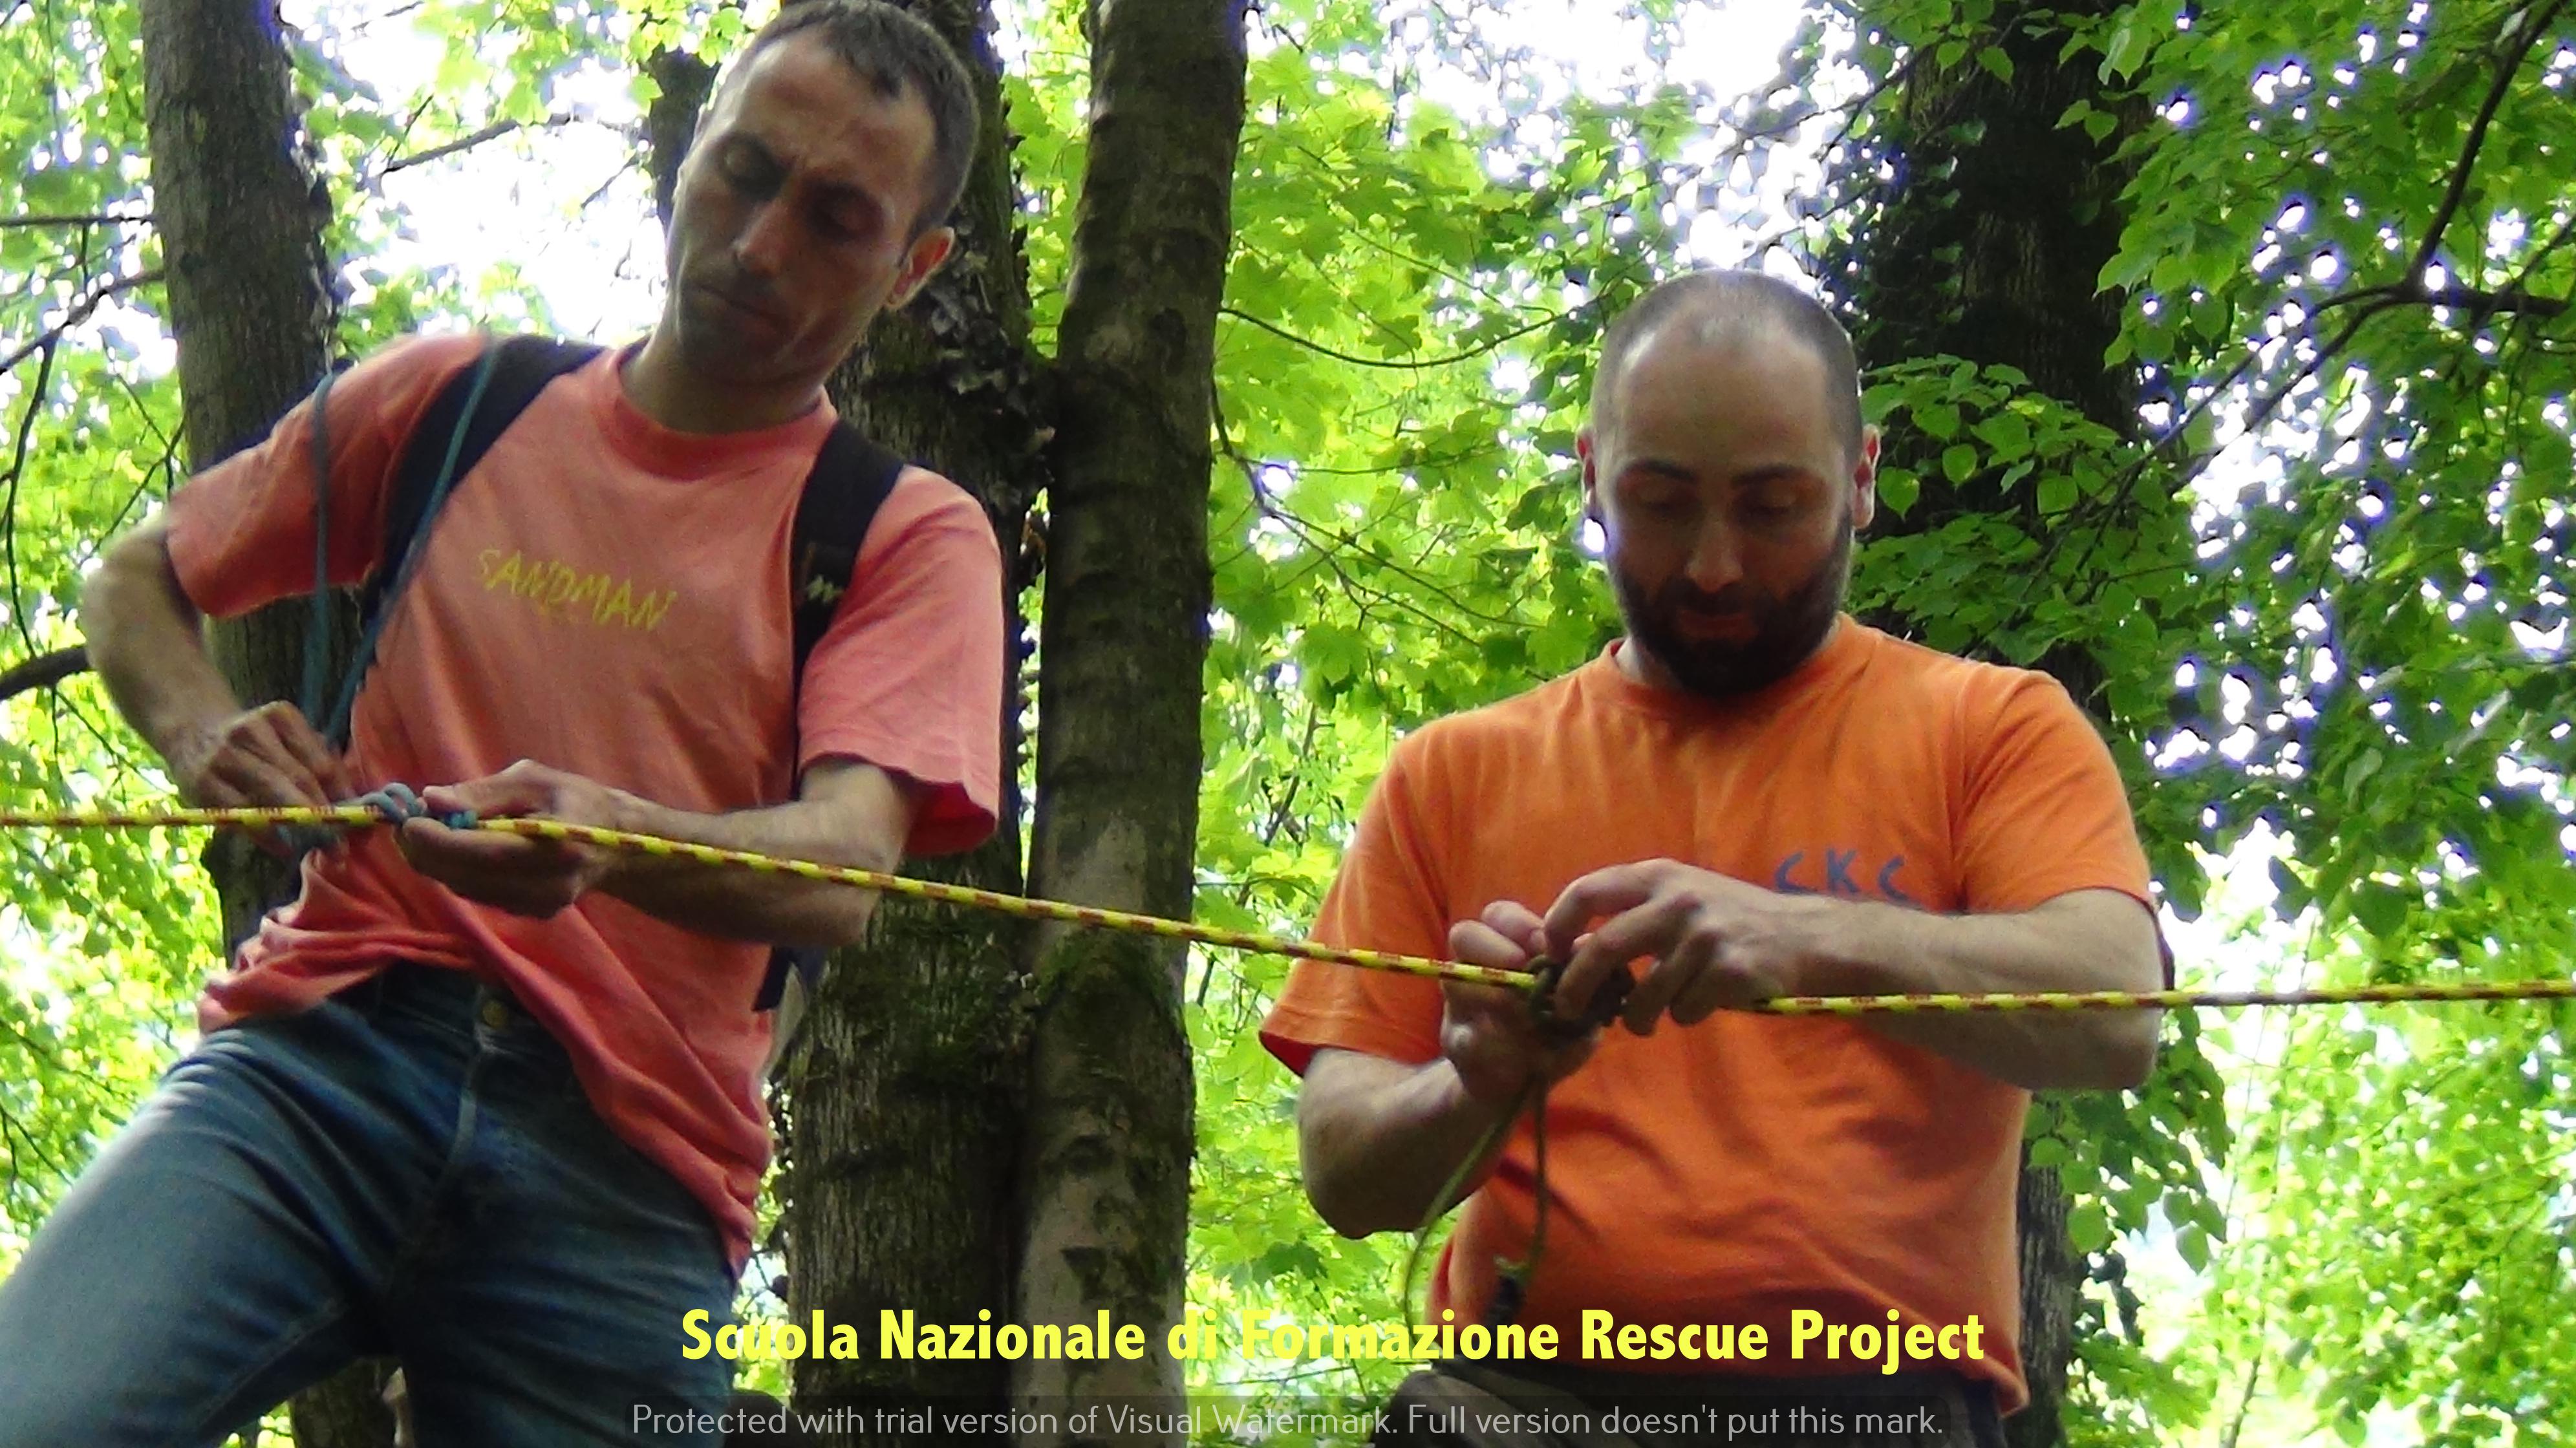 Scuola Nazionale di Formazione Rescue Project78